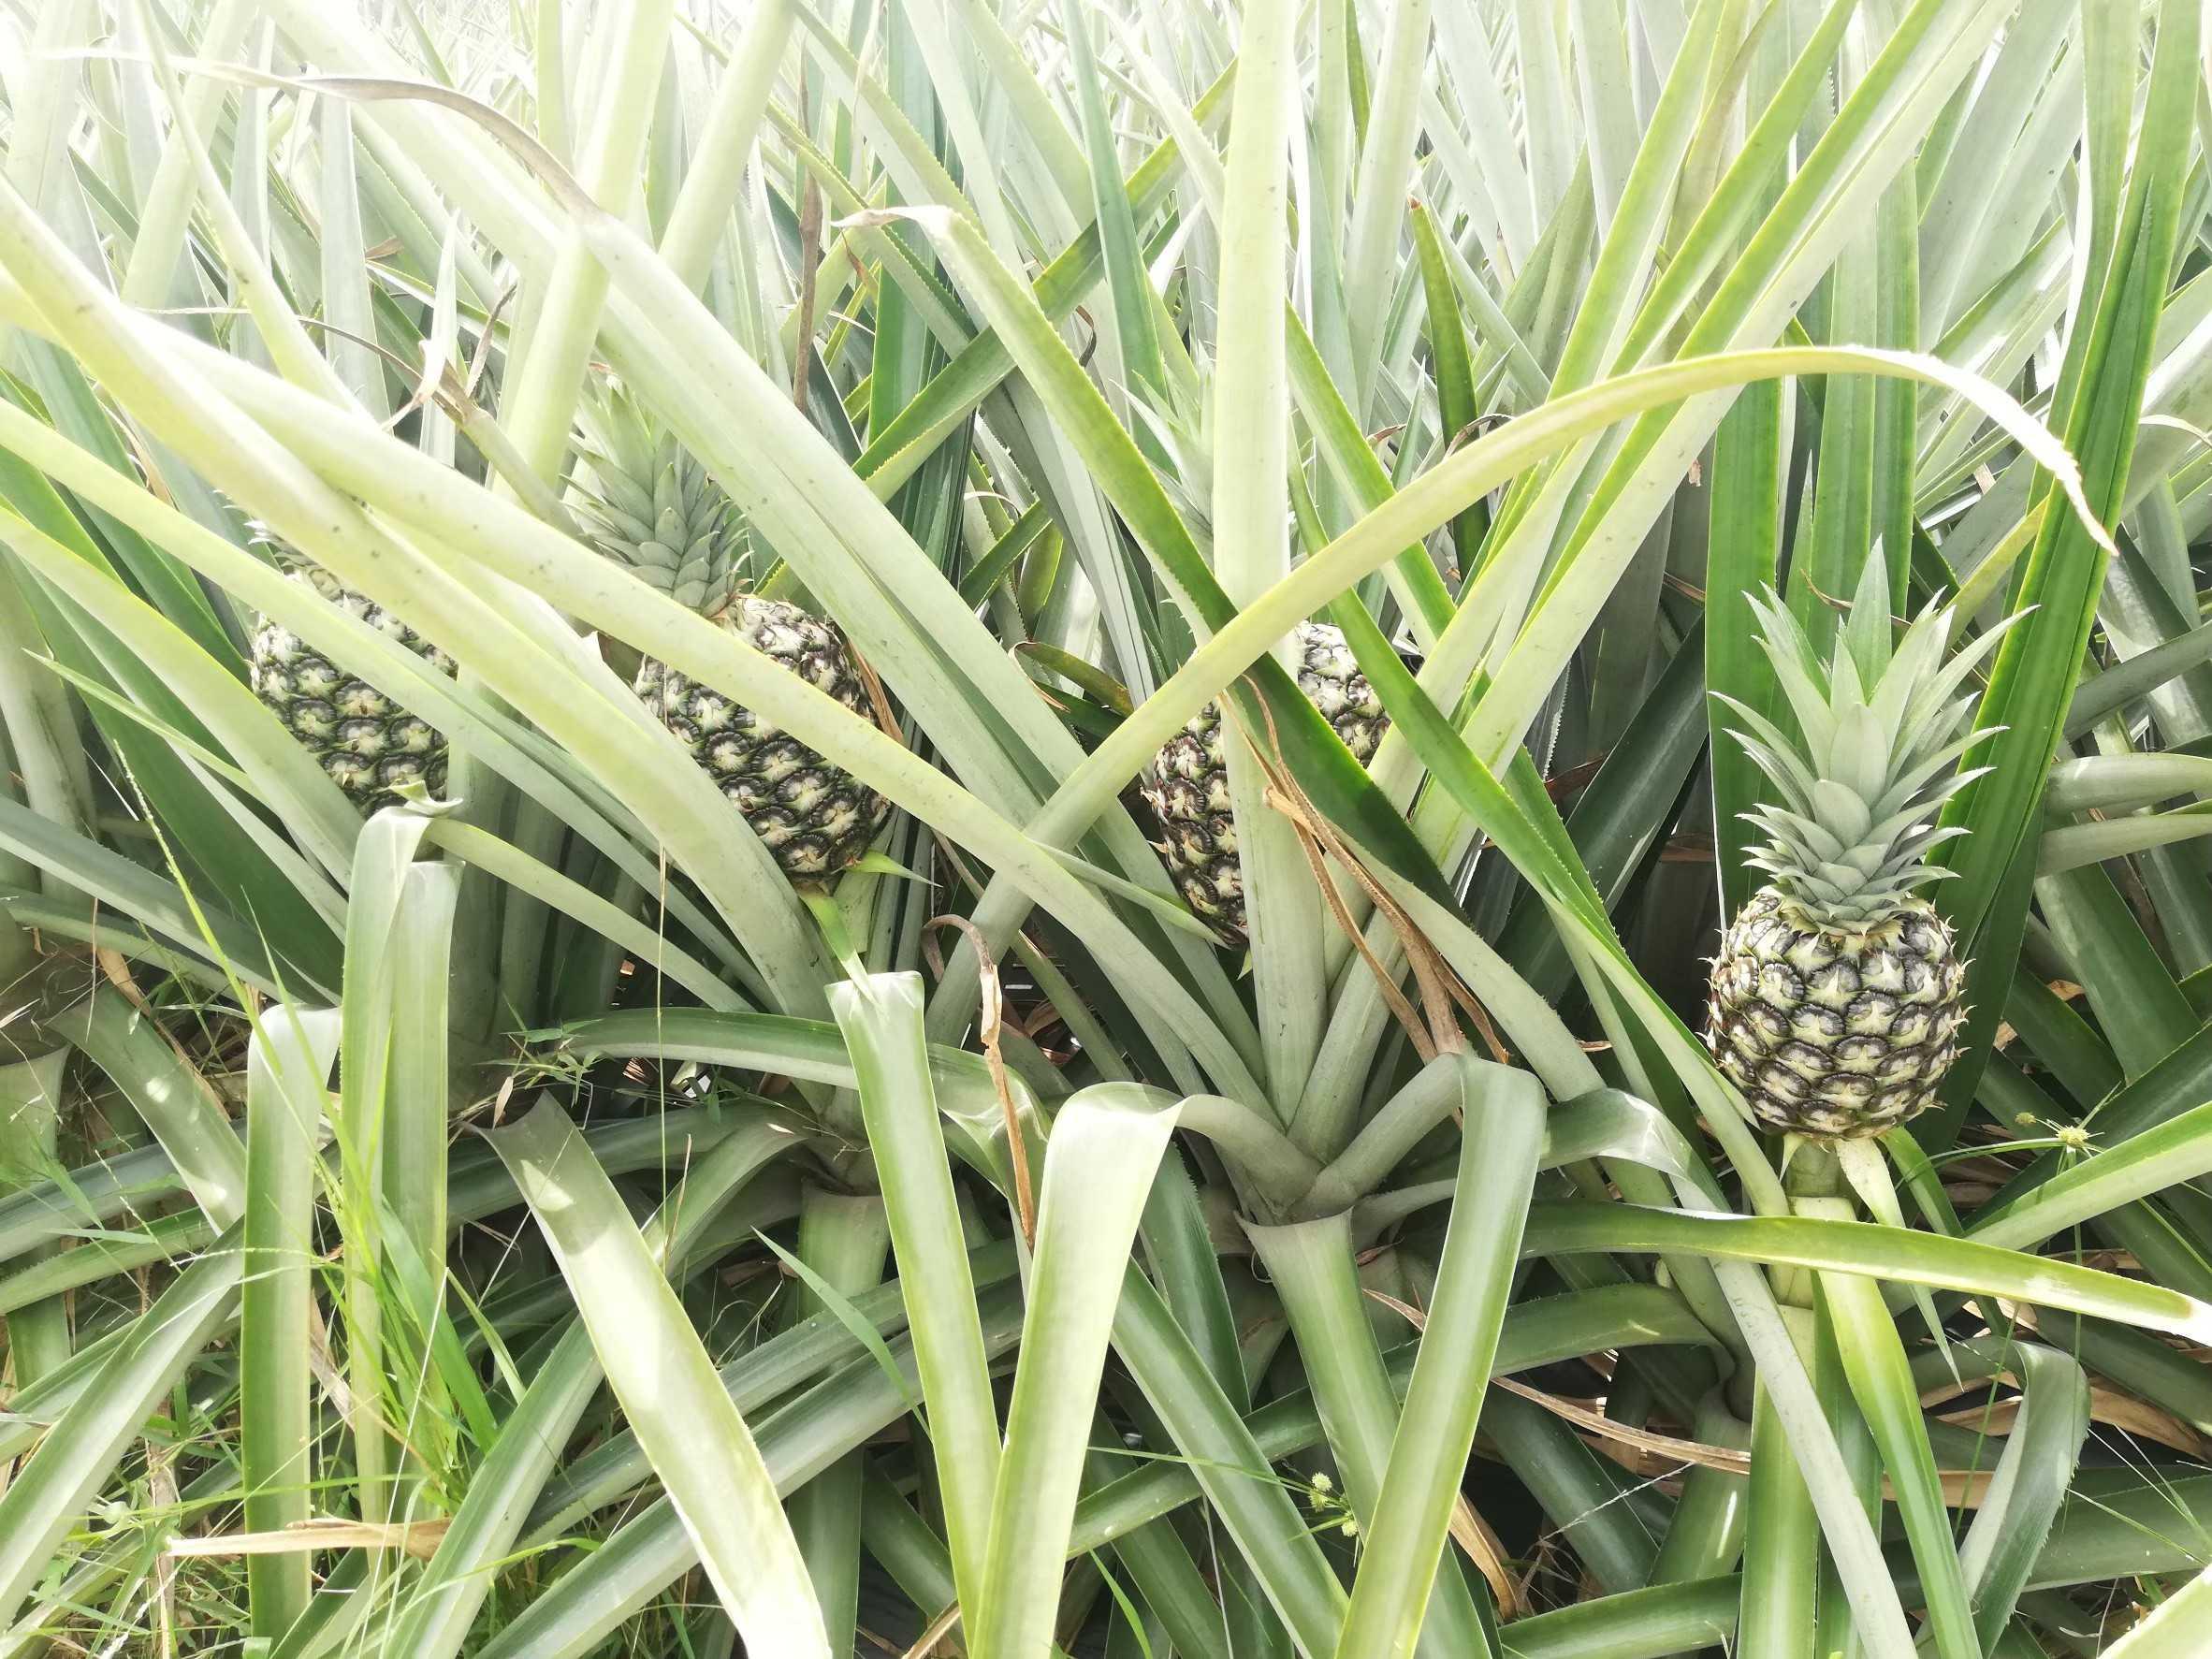 実績例⑤ ガーナの農業関連スタートアップを対象としたデュー・デリジェンス